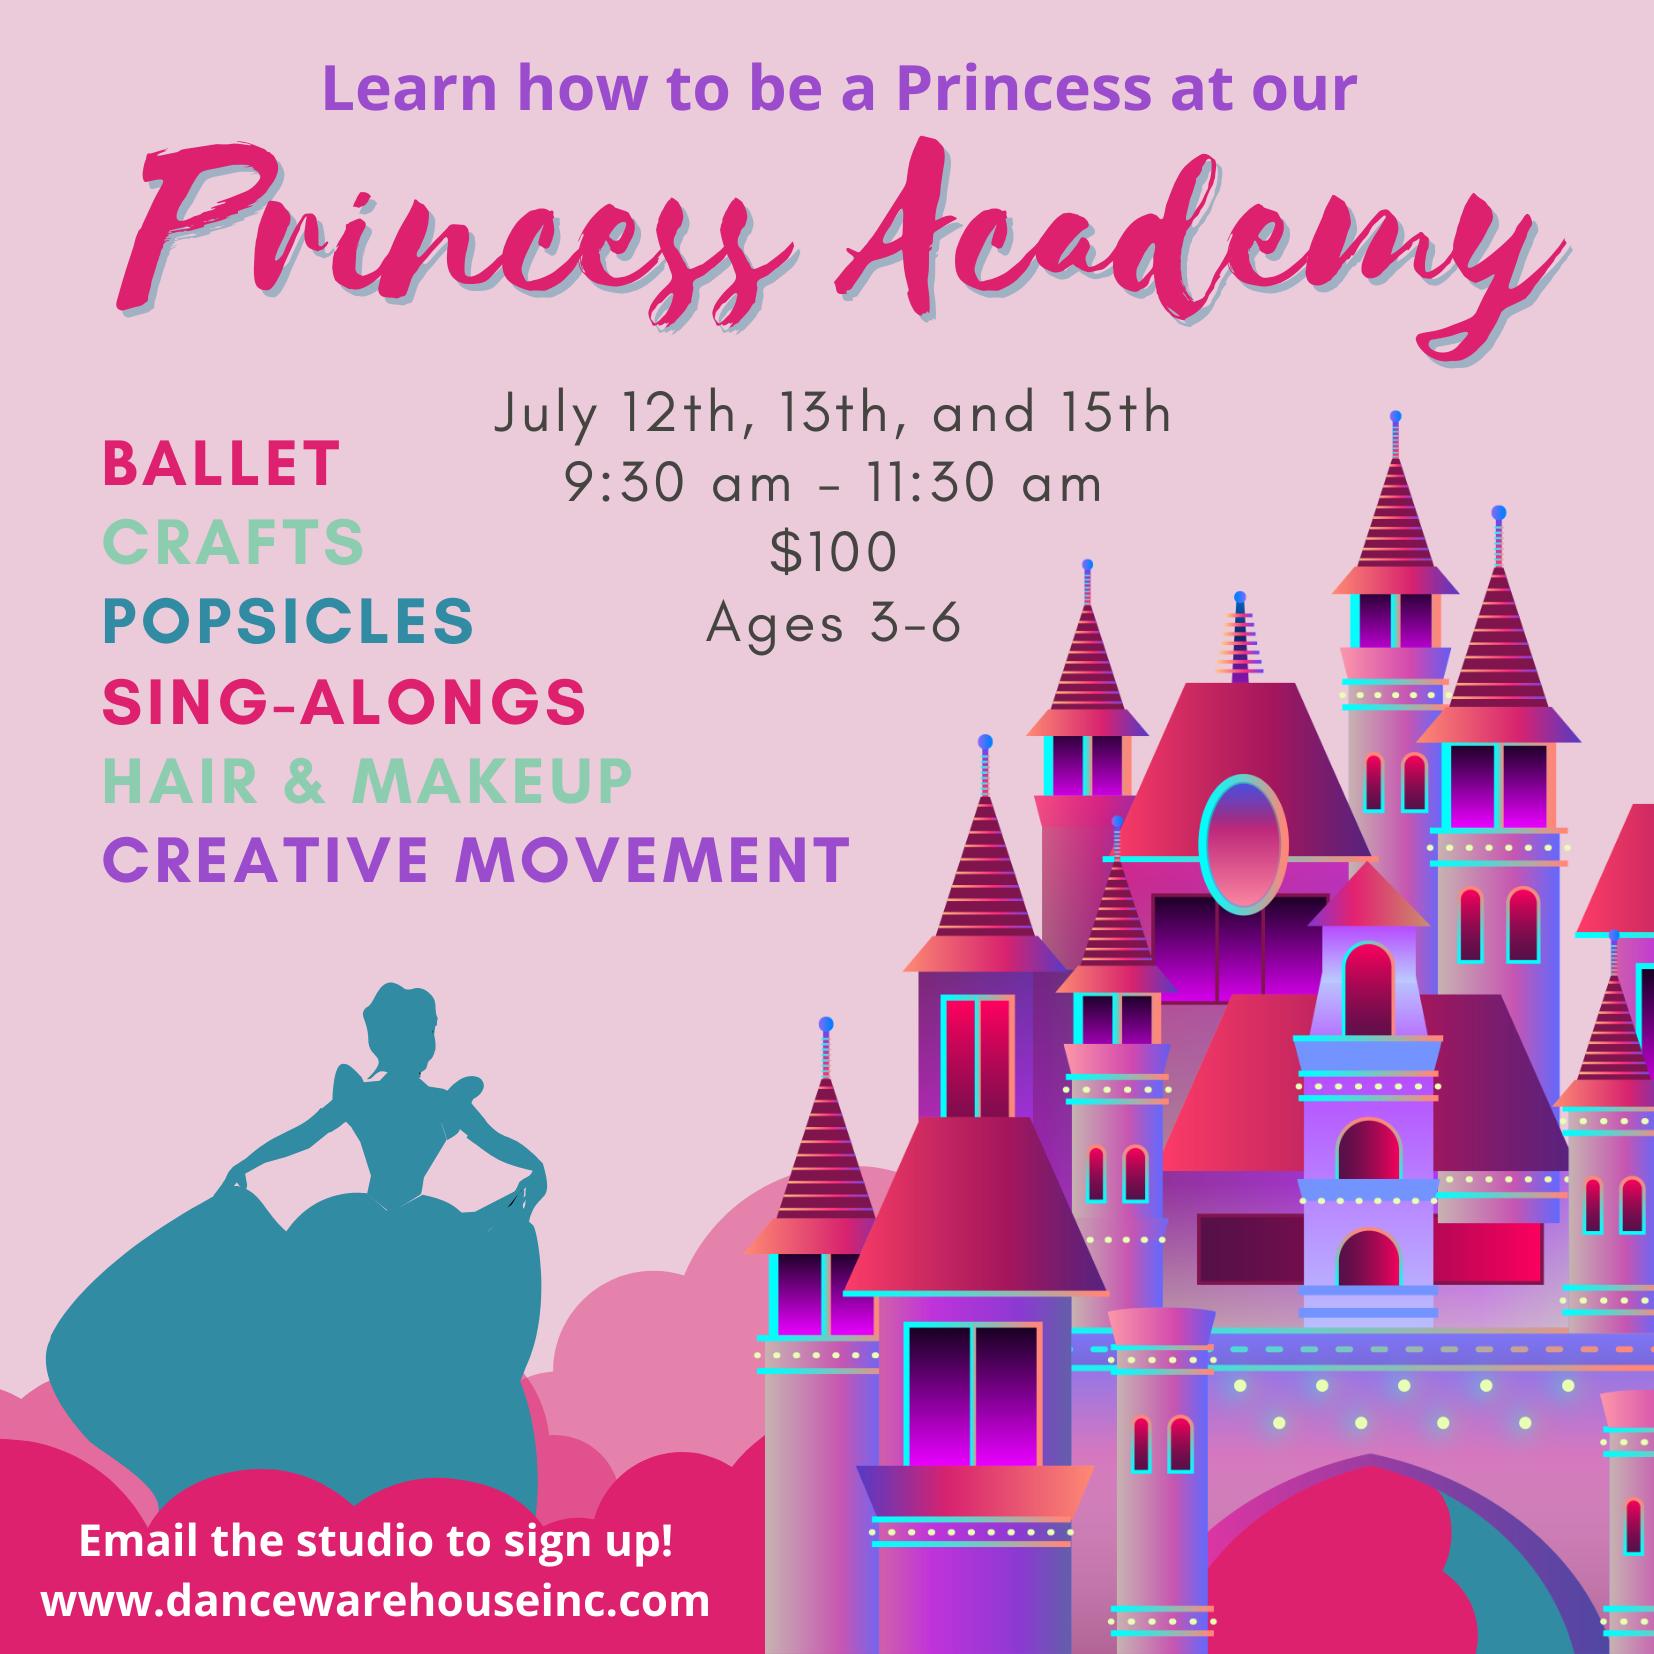 https://0201.nccdn.net/4_2/000/000/058/ad8/princess-academy.png